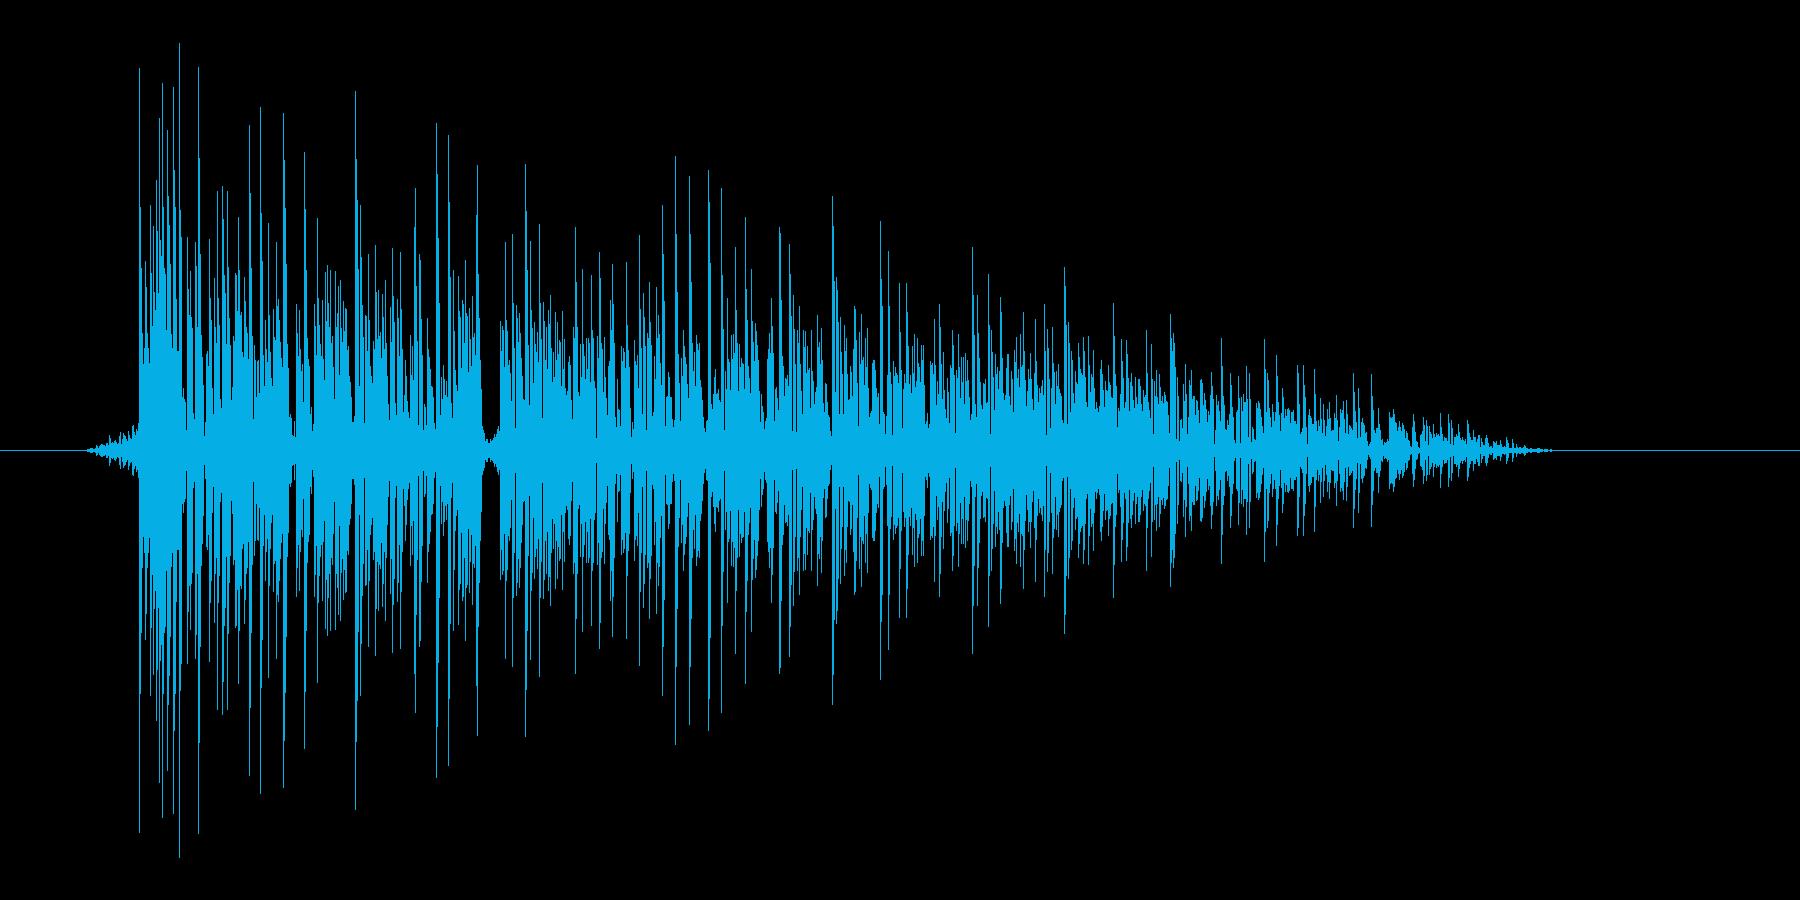 ゲーム(ファミコン風)爆発音_027の再生済みの波形